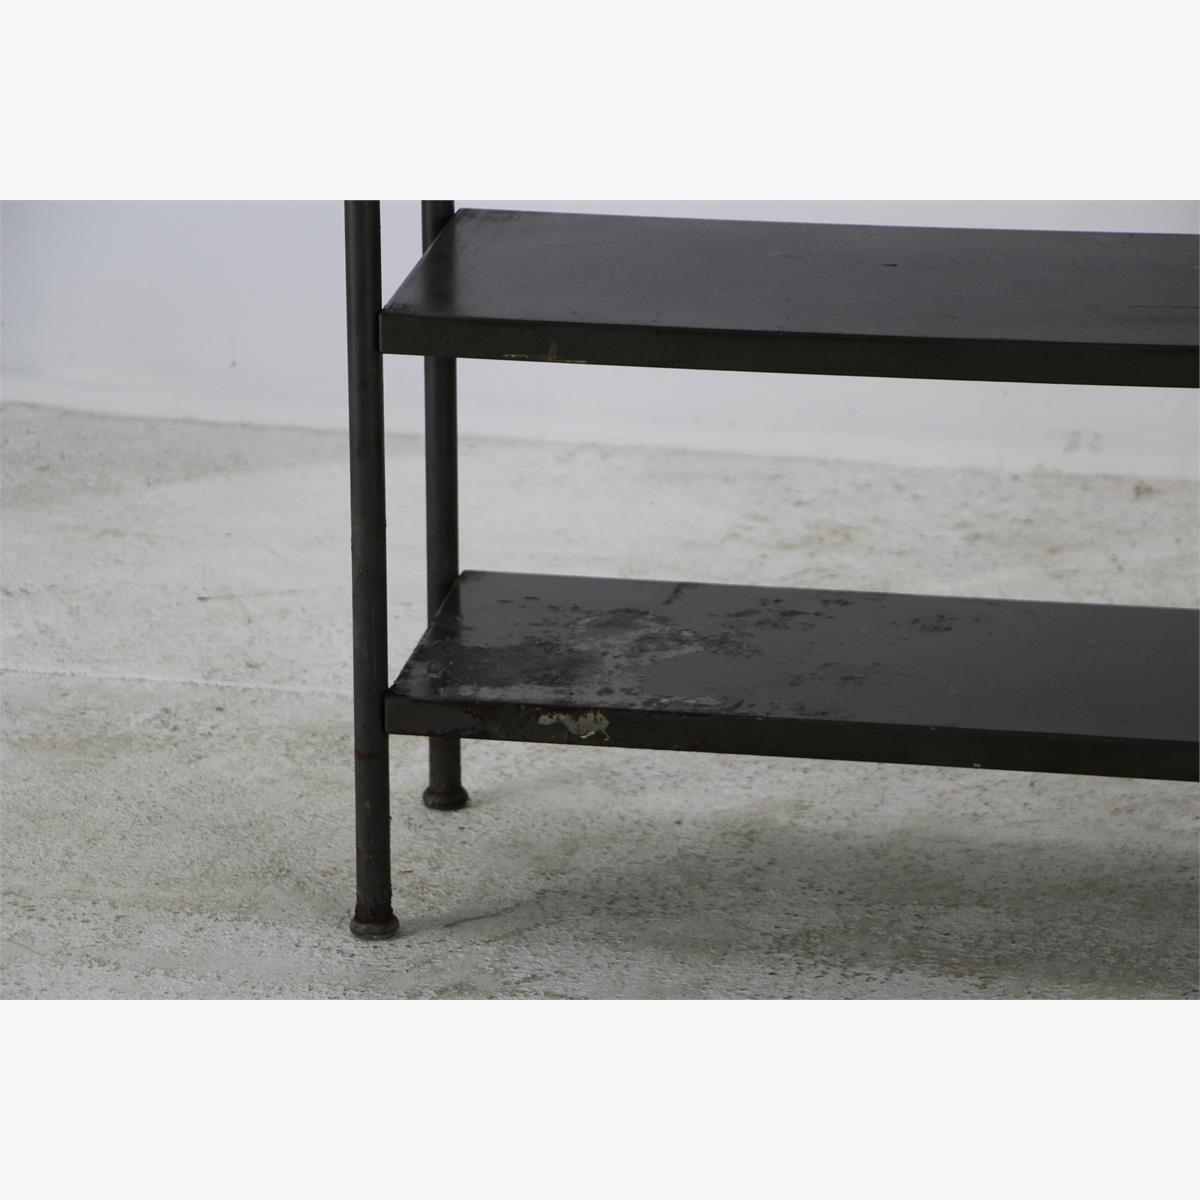 Afbeeldingen van industrielen ijzer side table